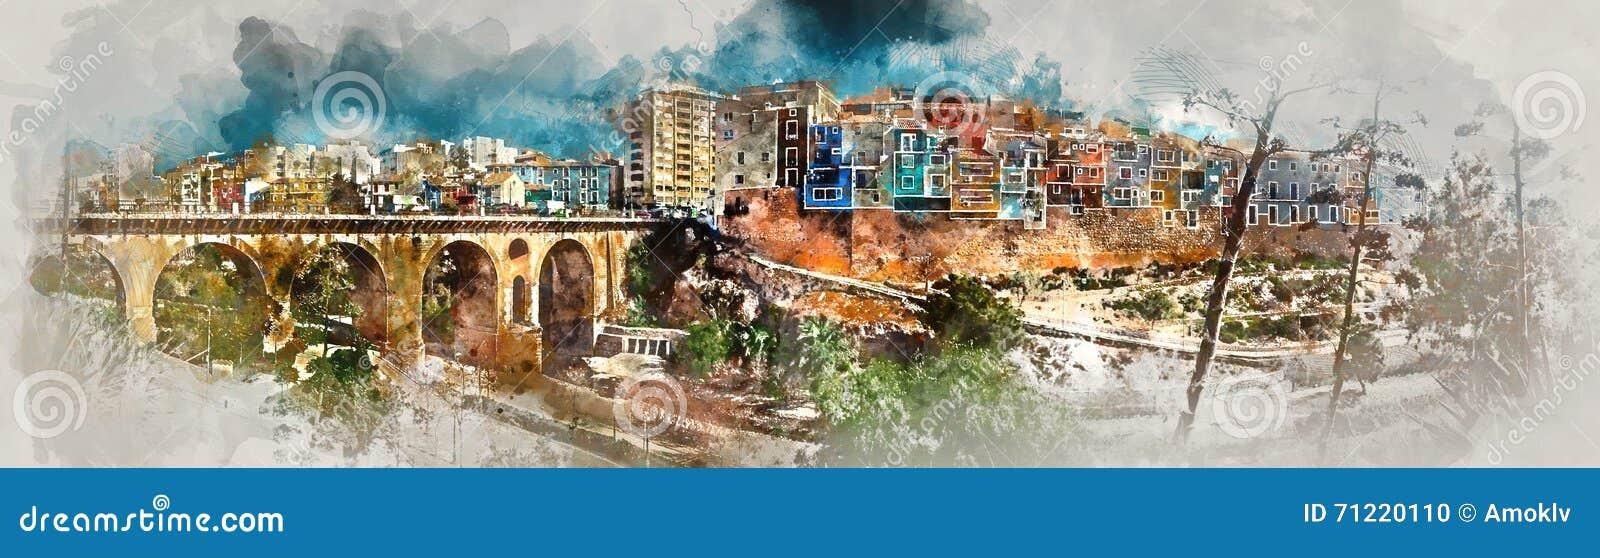 Het digitale waterverf schilderen van Villajoyosa-stad spanje